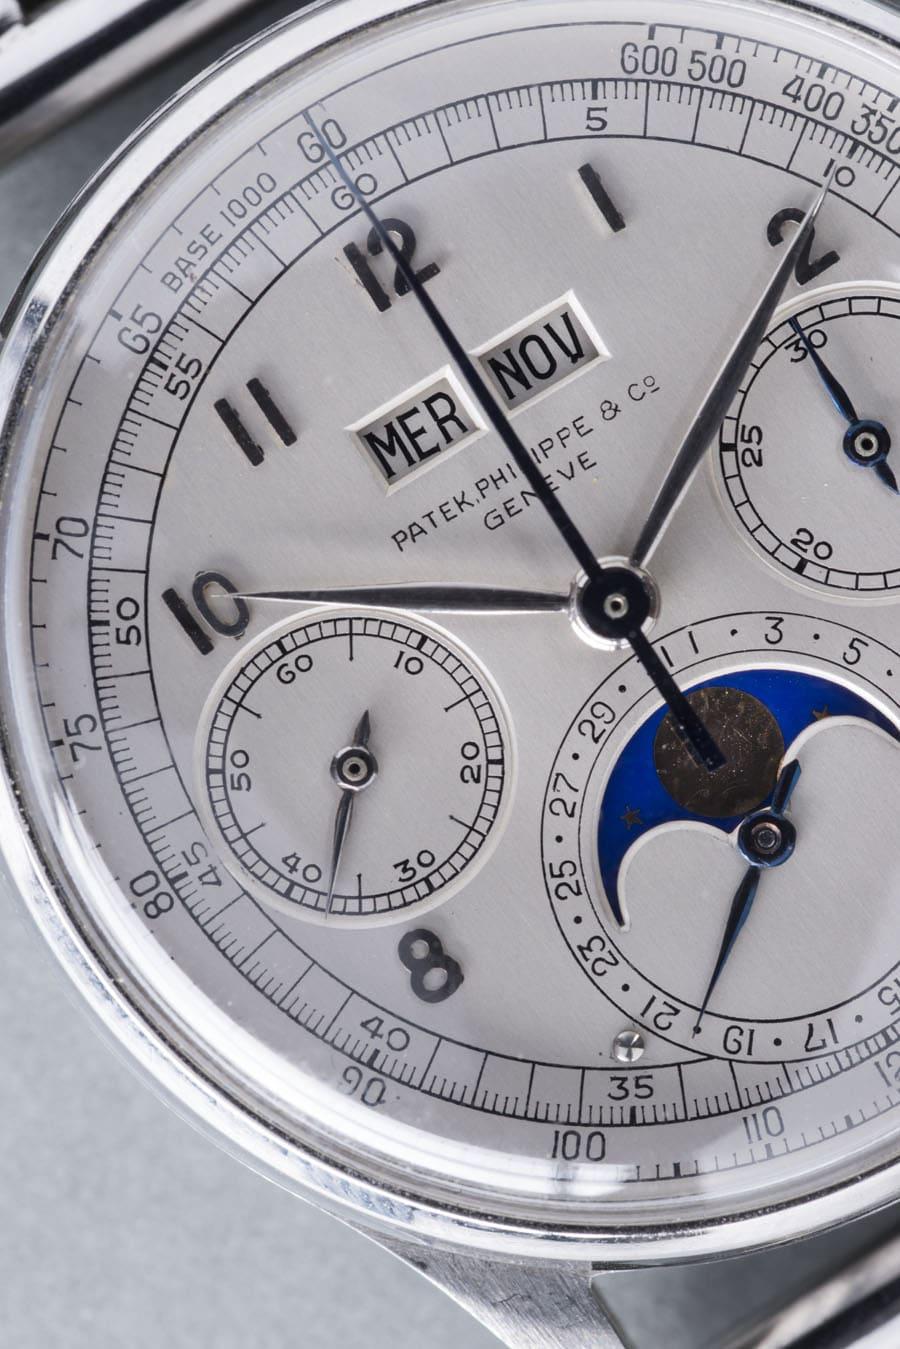 Patek Philippe: Der Chronograph mit der Referenz 1518 verfügt über einen ewigen Kalender